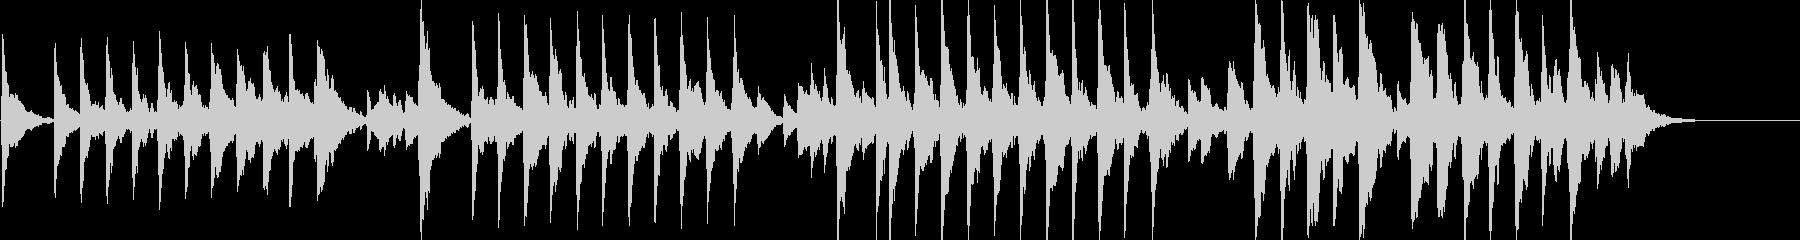 童謡「夕焼け小焼け」オルゴールbpm86の未再生の波形